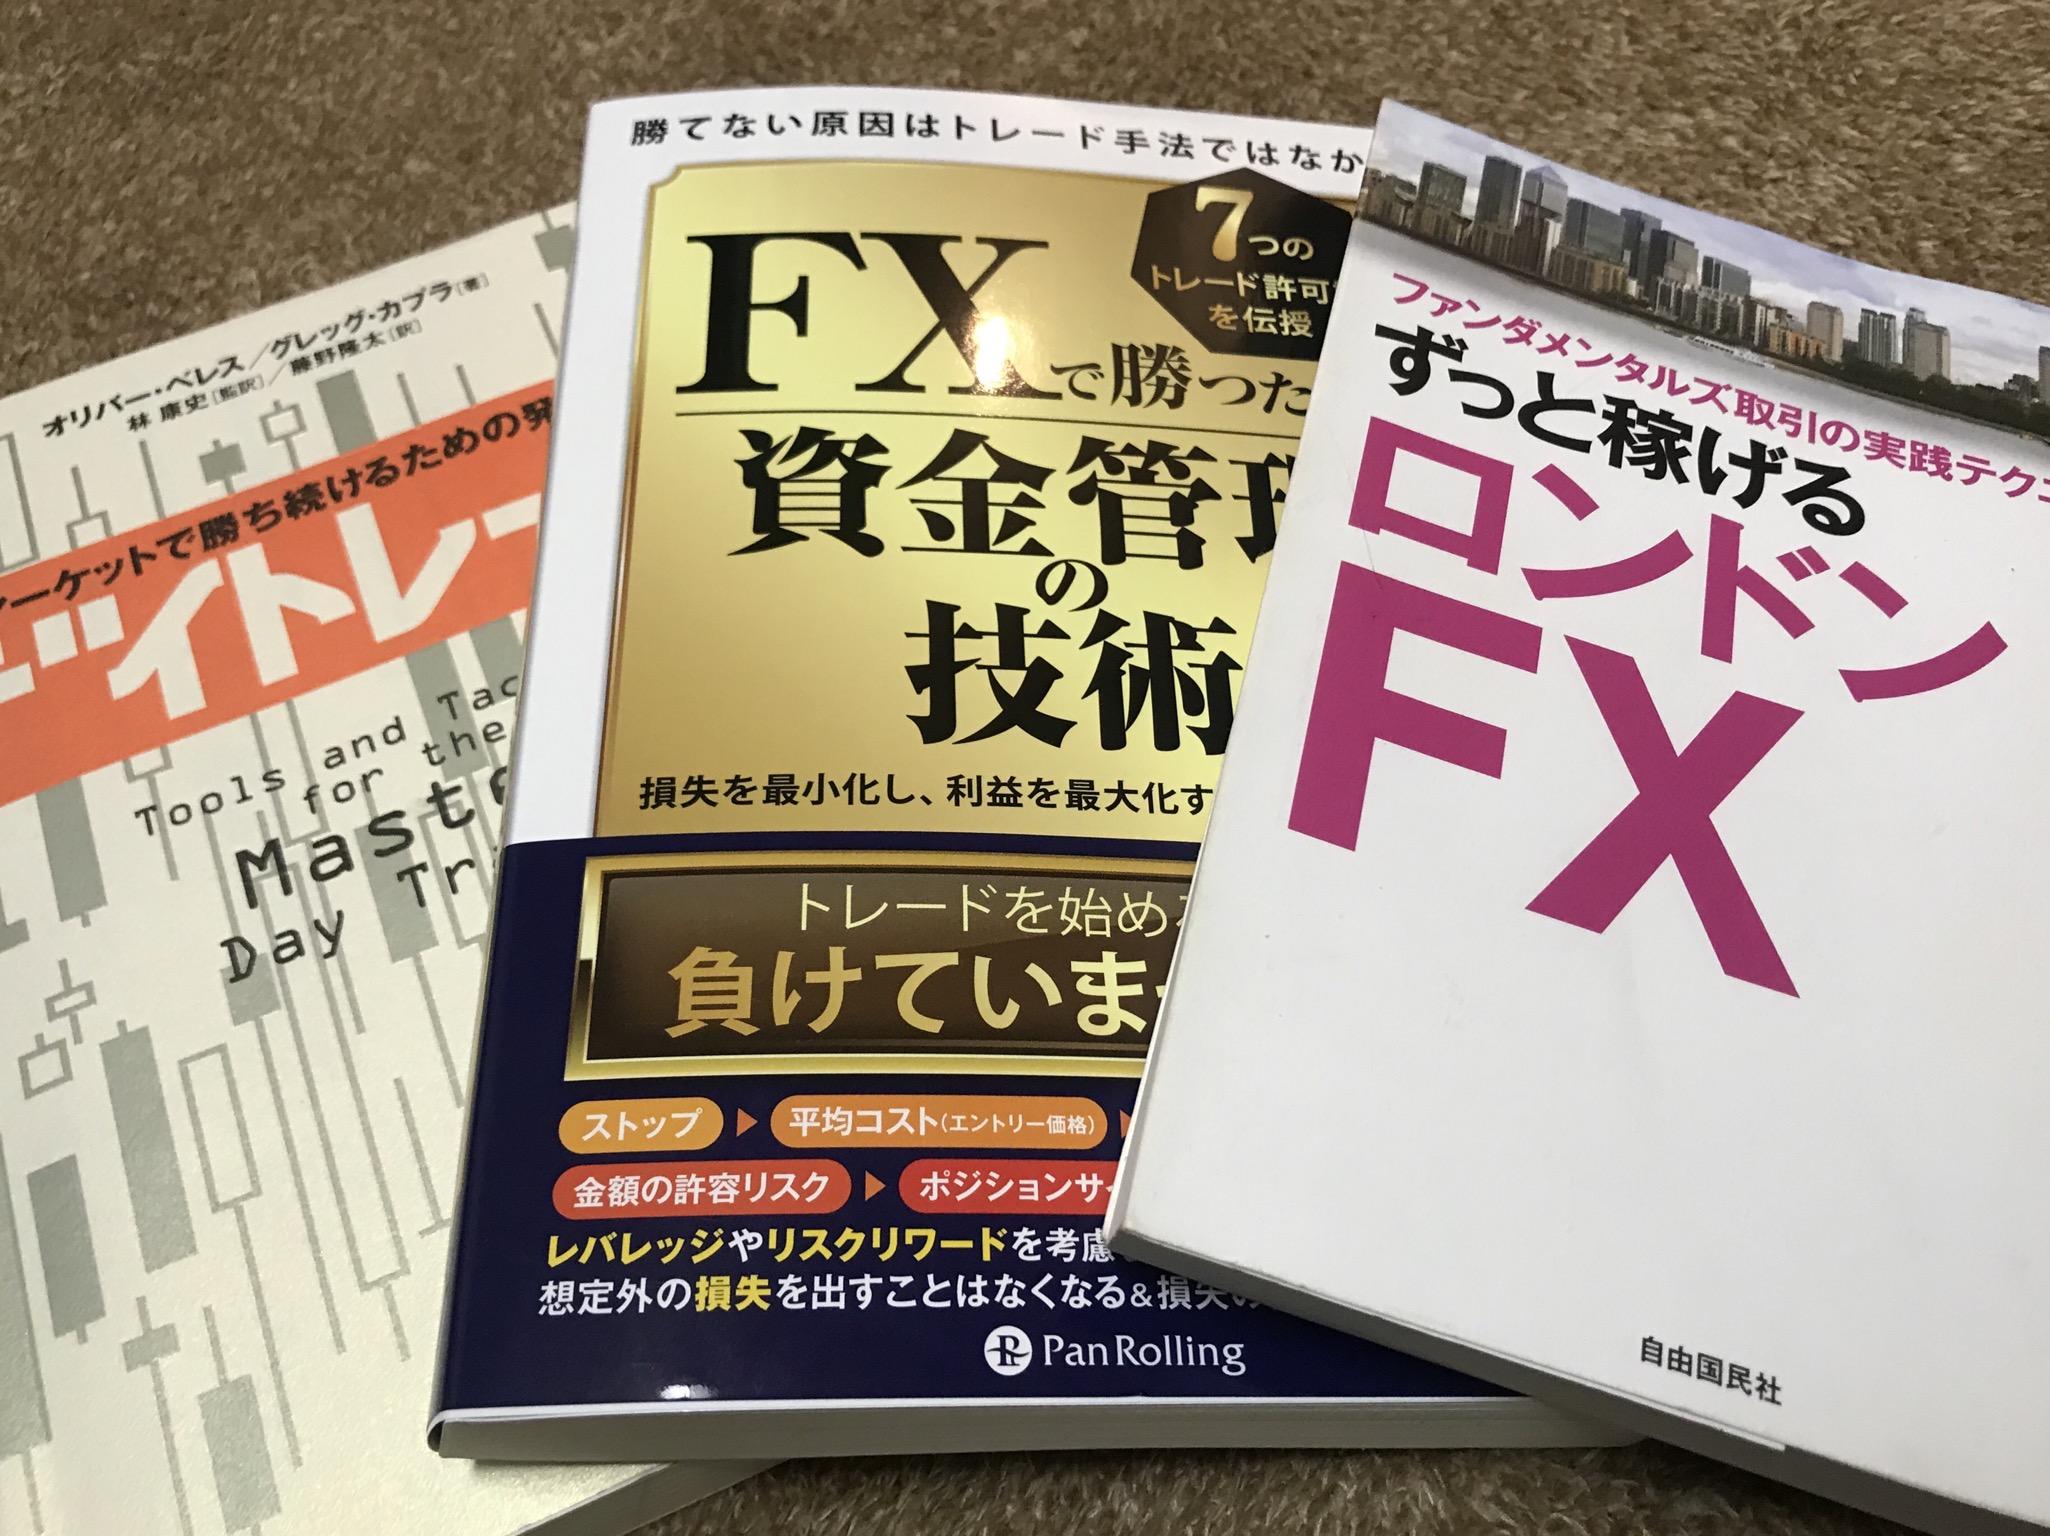 FX 経費 節税